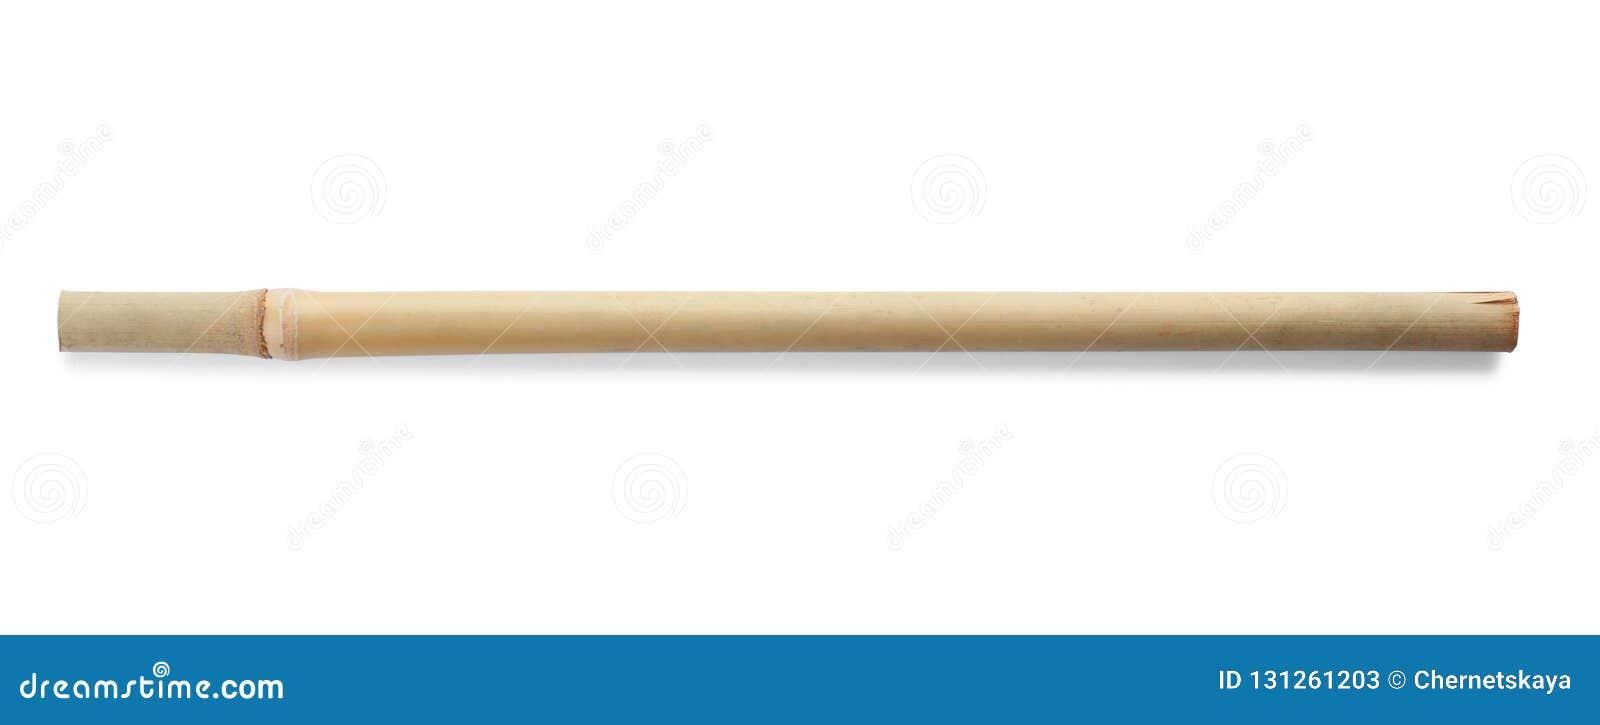 Suchy bambusowy kij